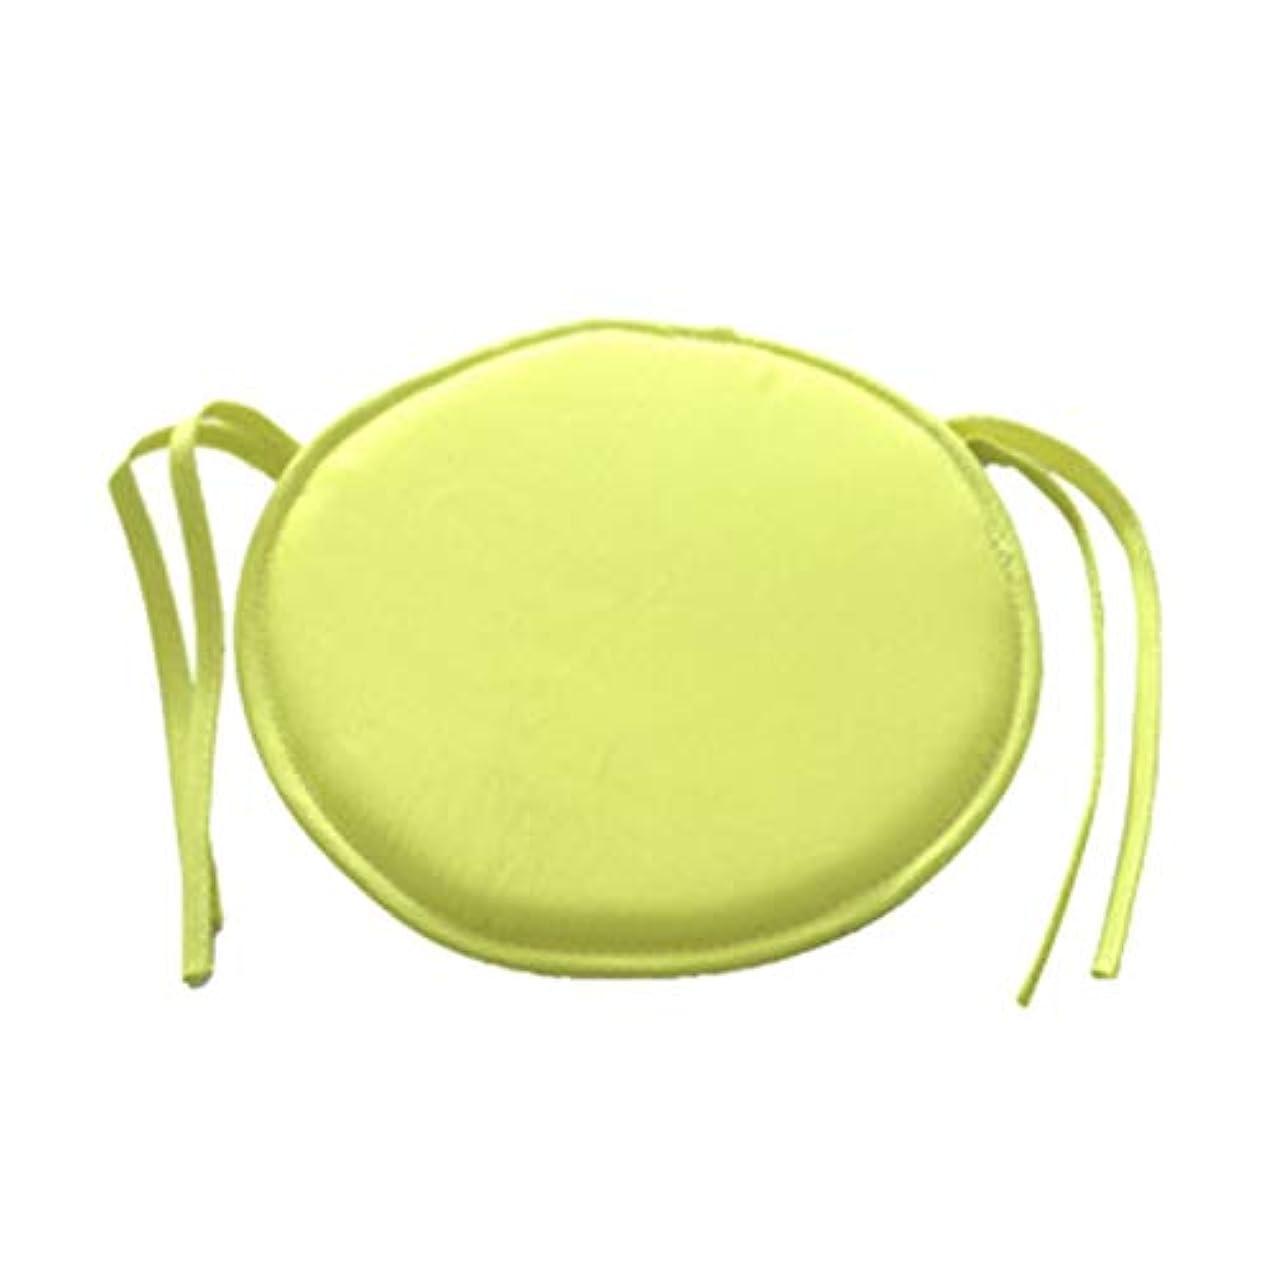 重々しいガイドライン割り当てLIFE ホット販売ラウンドチェアクッション屋内ポップパティオオフィスチェアシートパッドネクタイスクエアガーデンキッチンダイニングクッション クッション 椅子